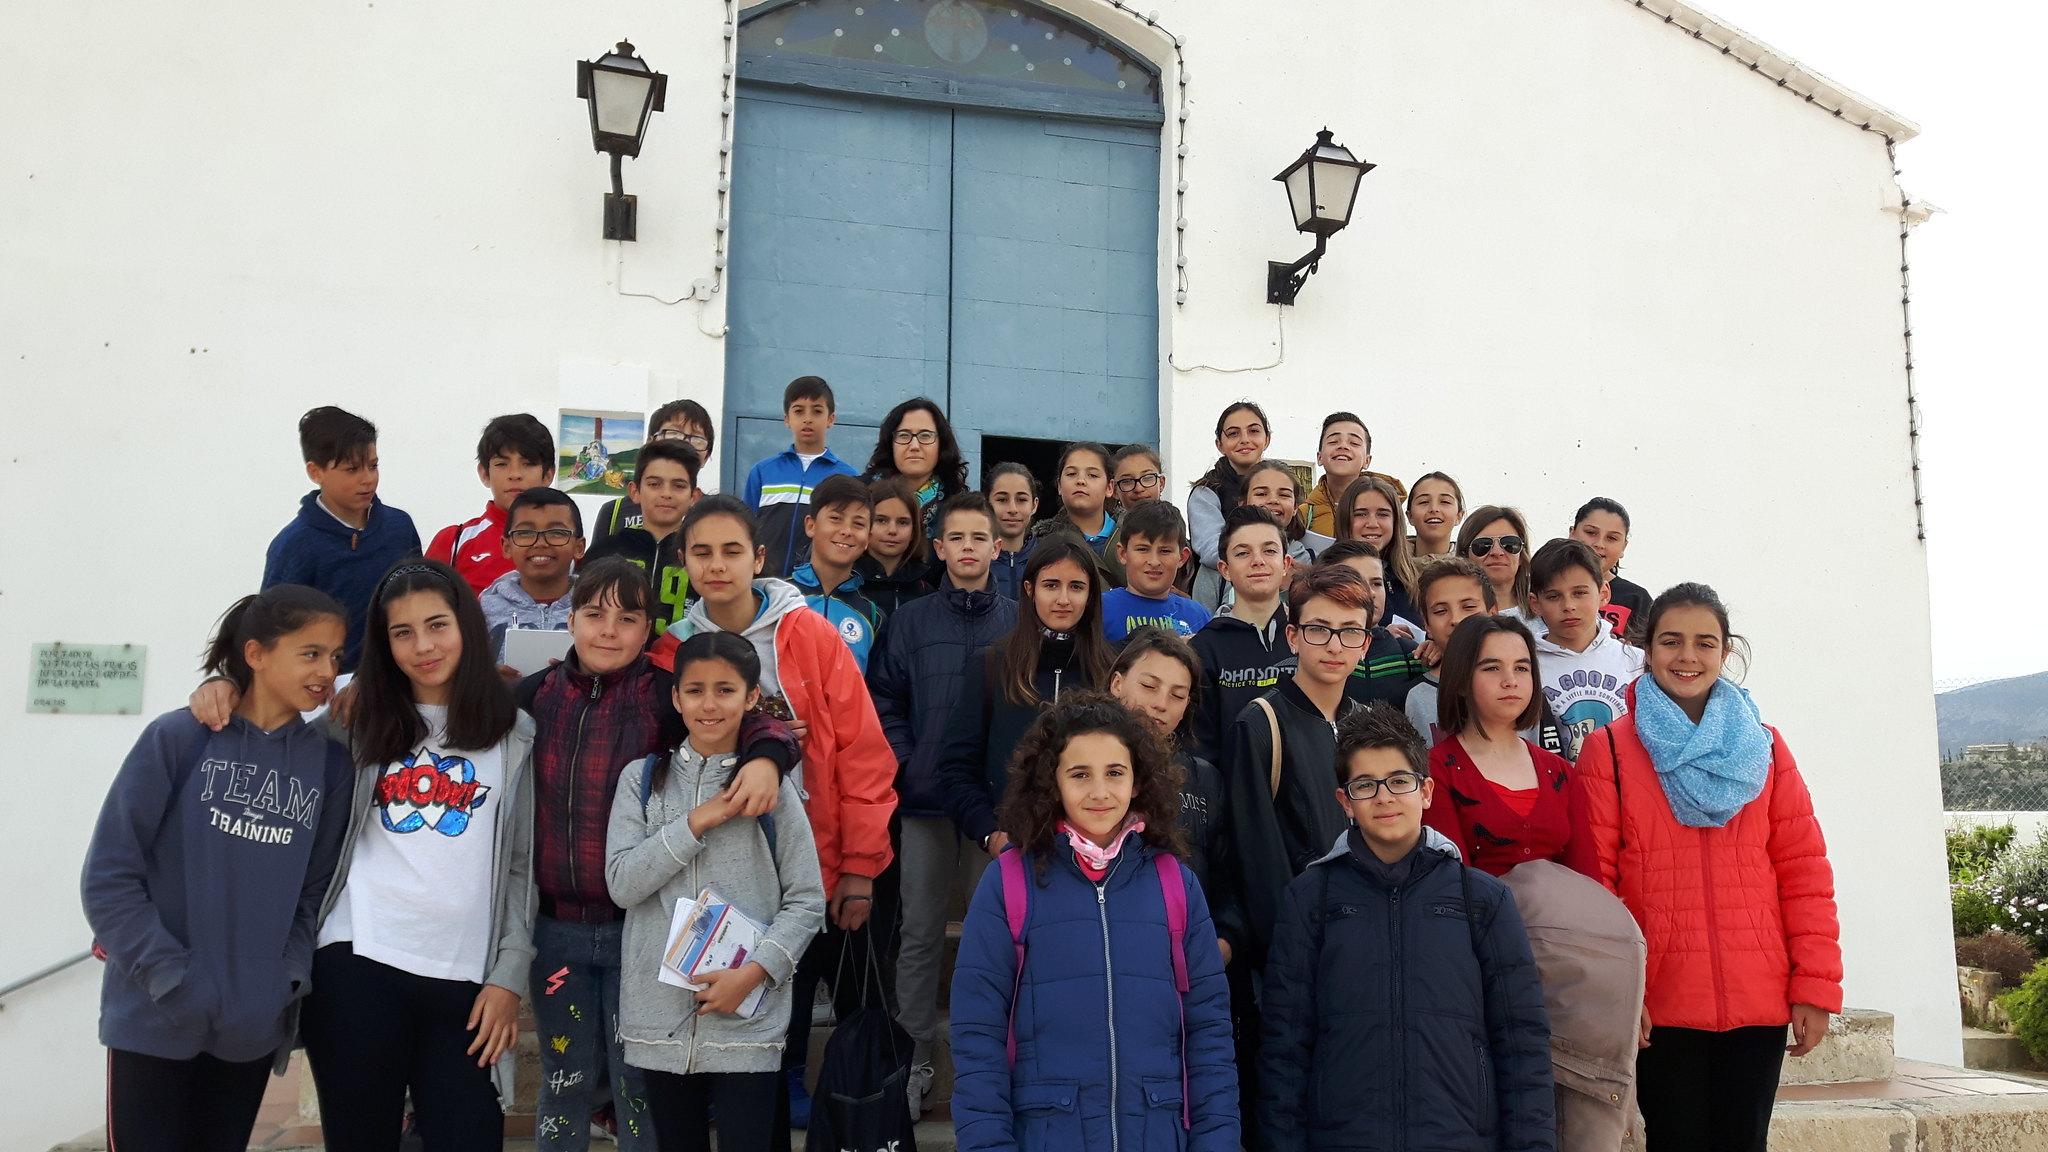 (2017-03-31) - Visita ermita alumnos Yolada-Pilar, Virrey Poveda-9 de Octubre - Maria Isabel Berenquer Brotons - (01)